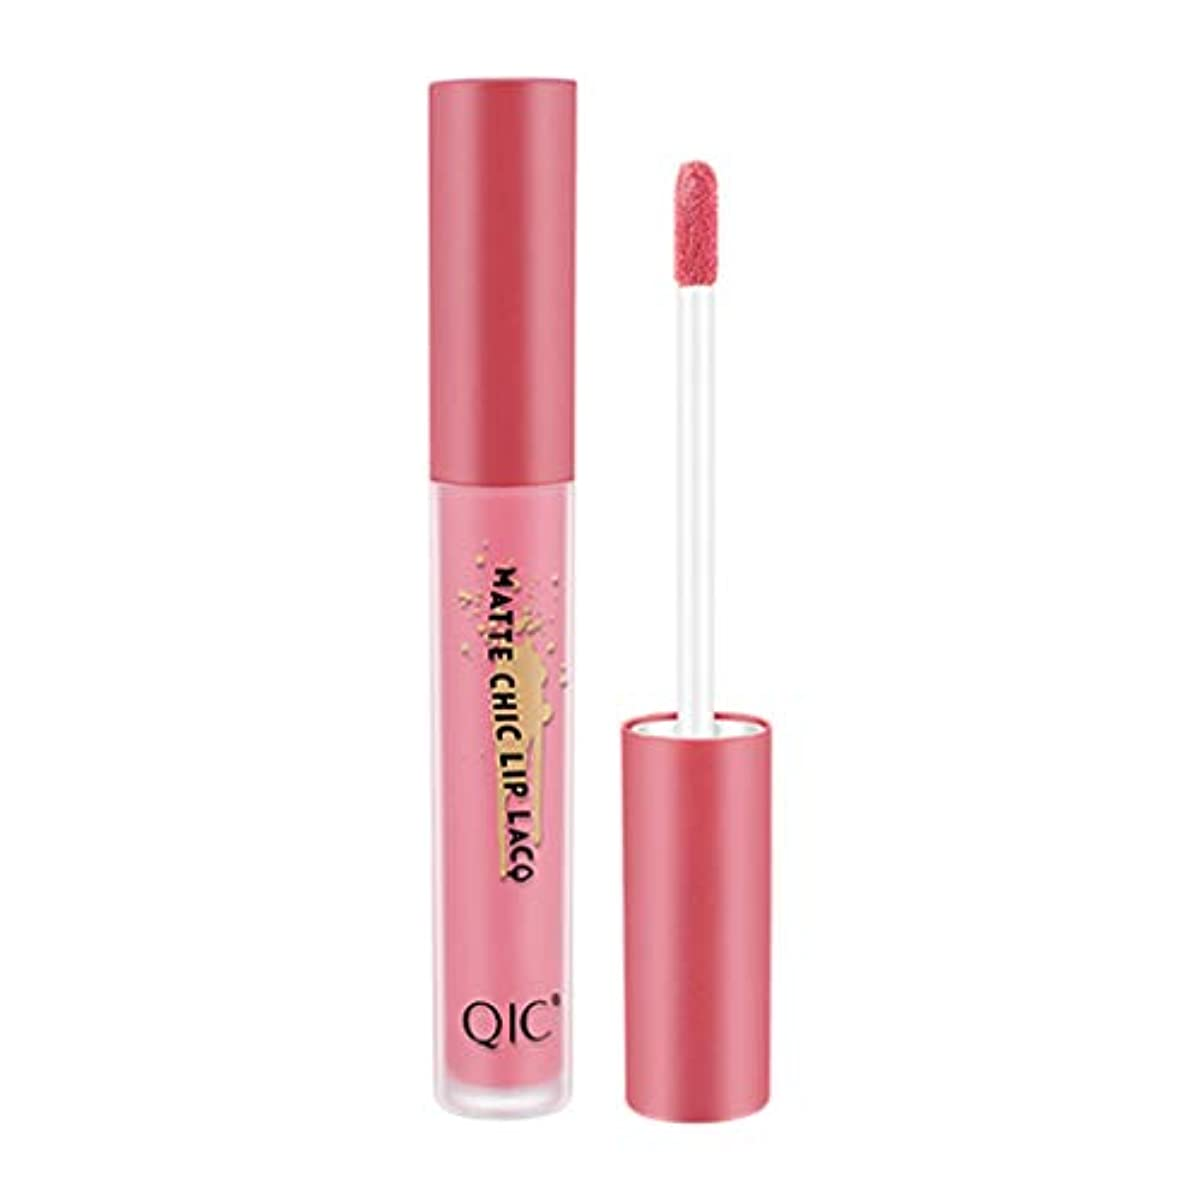 近似栄光同志QIC無光沢のセクシーな液体の唇の光沢の長続きがする防水は24時間を保ちます